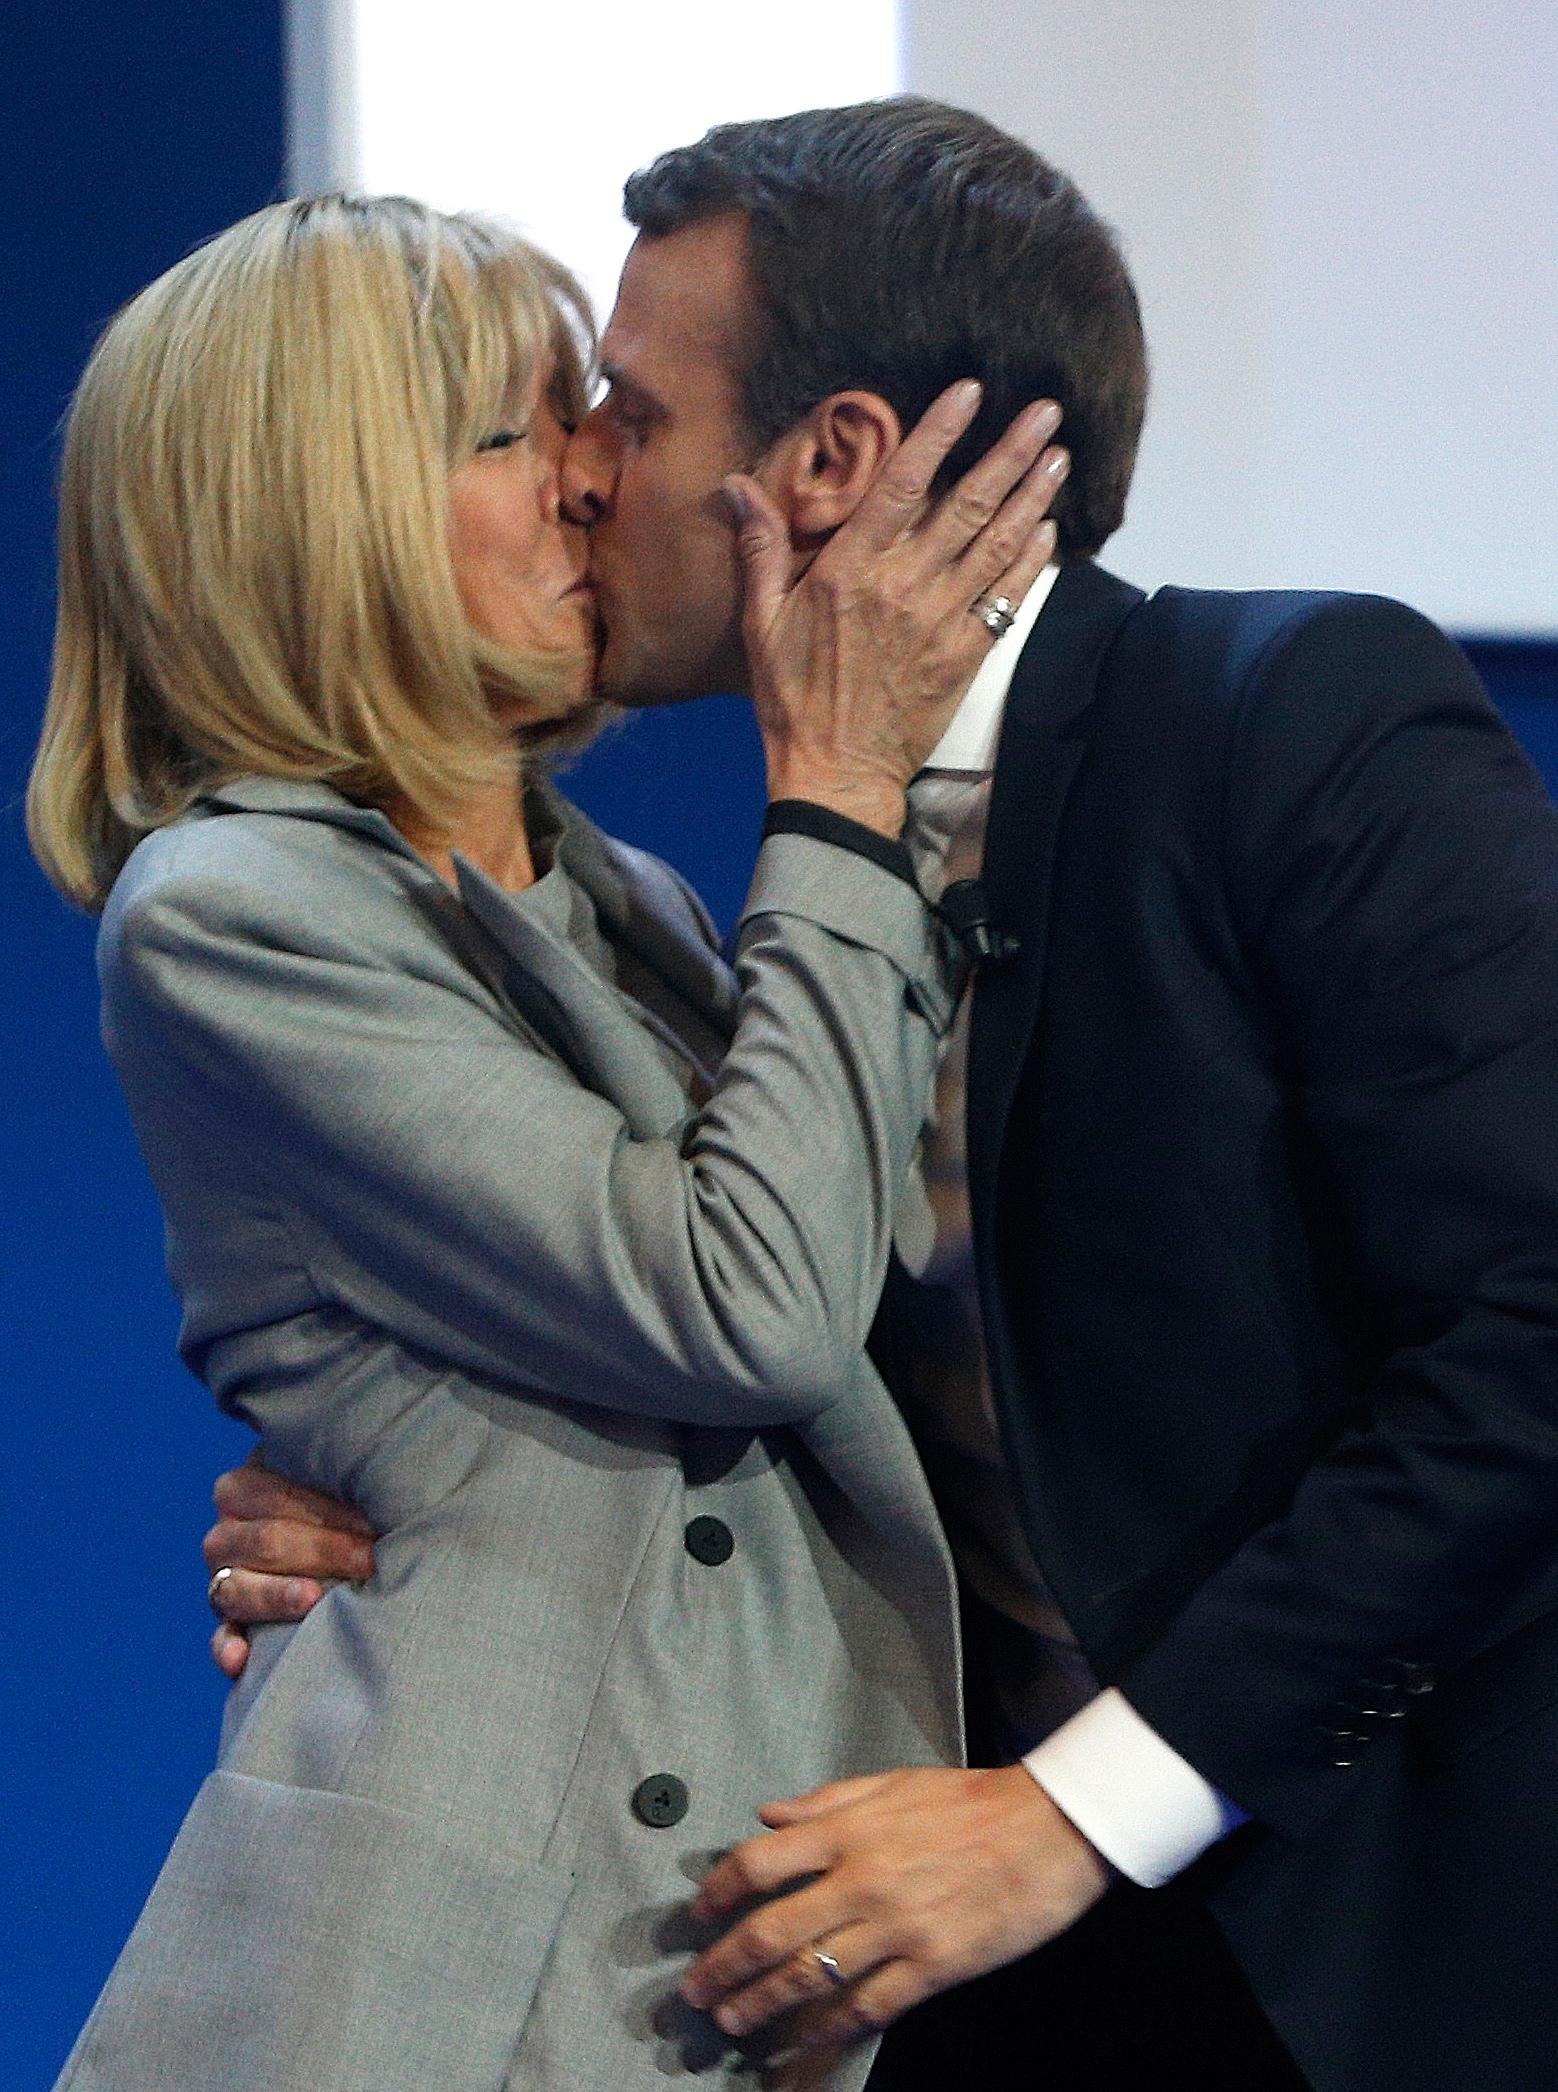 Cariñosos, los Macron se casaron hace 10 años y se conocen hace 24, cuando ella era su profesora de drama y él, un adolescente. Foto AP.